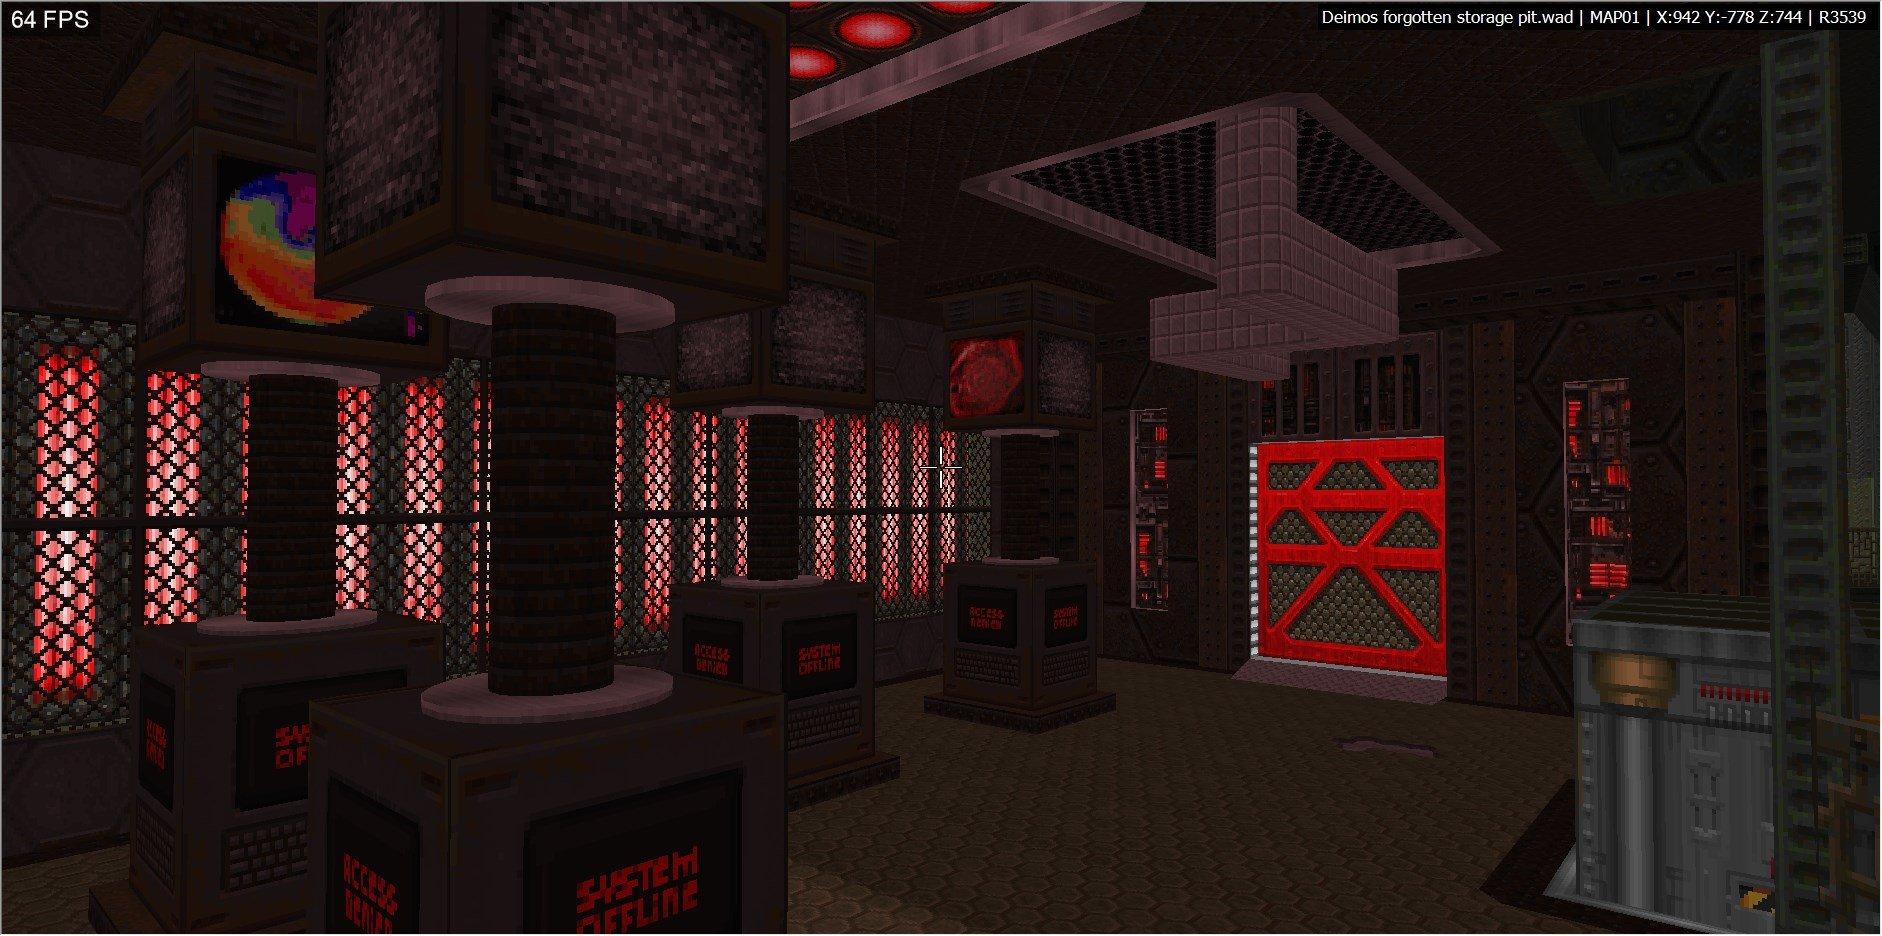 Deimos forgotten storage pit (edit area) at 2020.09.05 21-29-22.906 [R3539].jpg